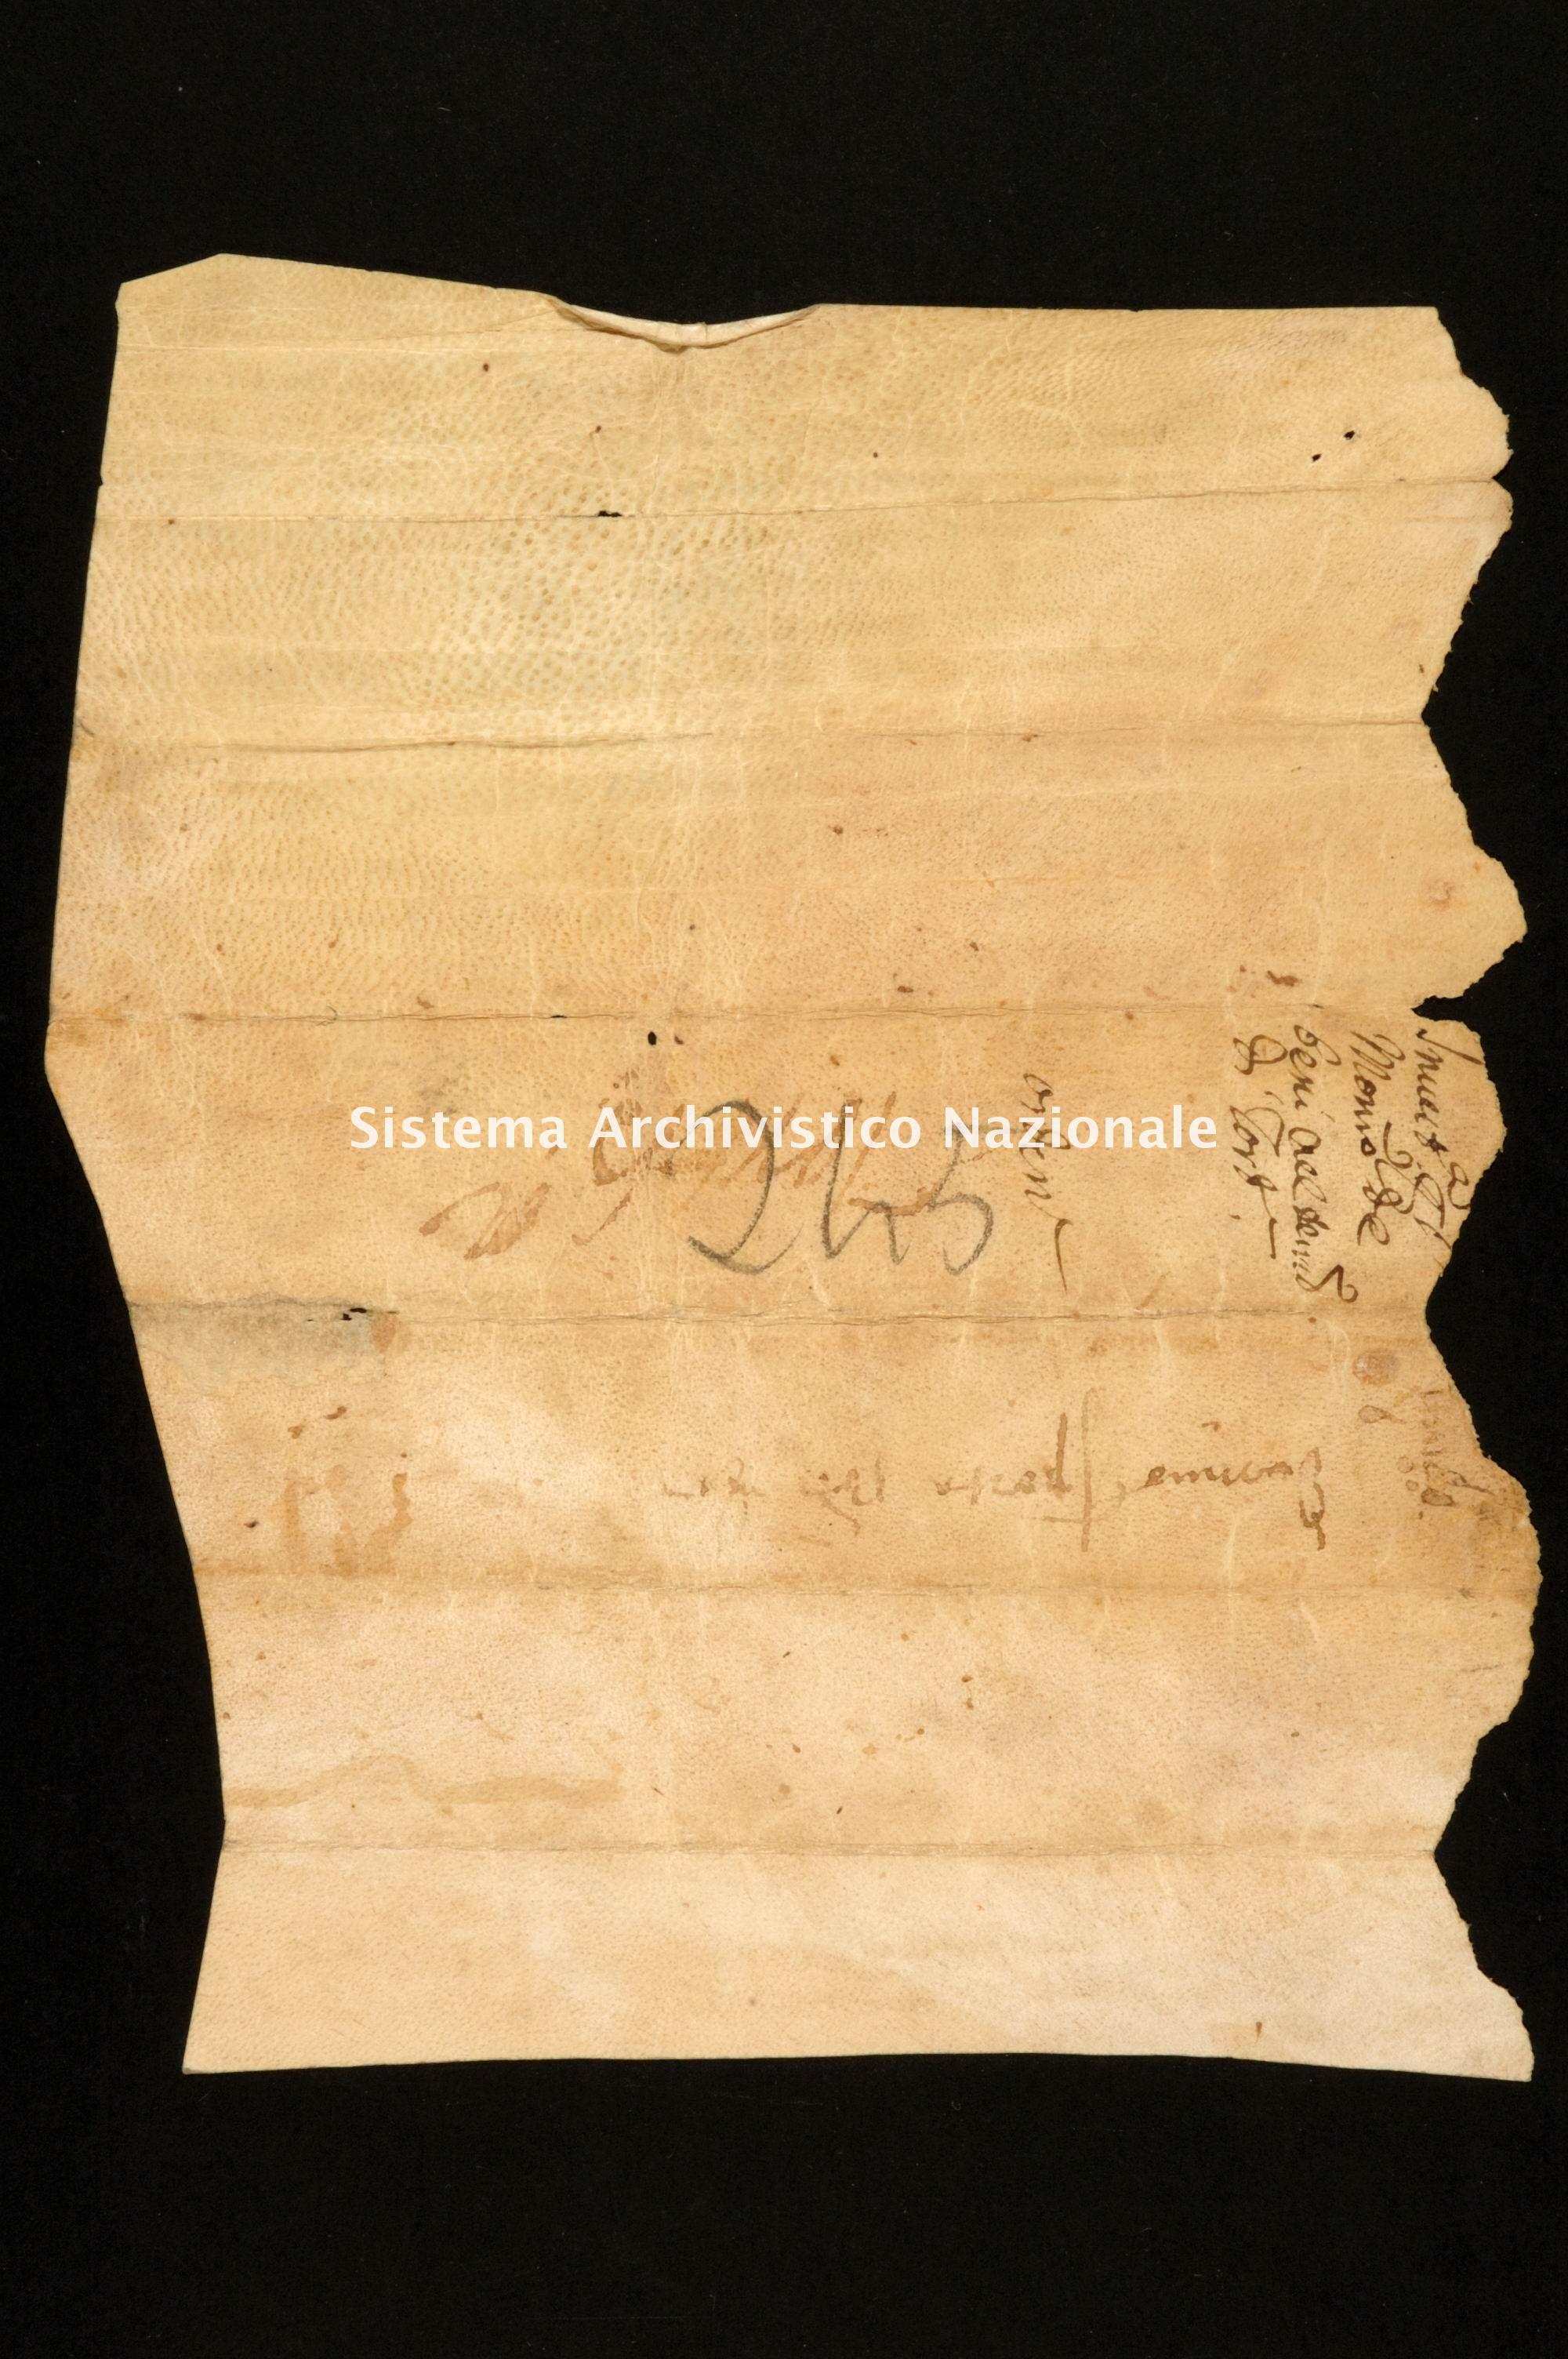 Archivio di Stato di Alessandria, Pergamene di Santa Eufemia di Tortona, monastero, pergamena 029